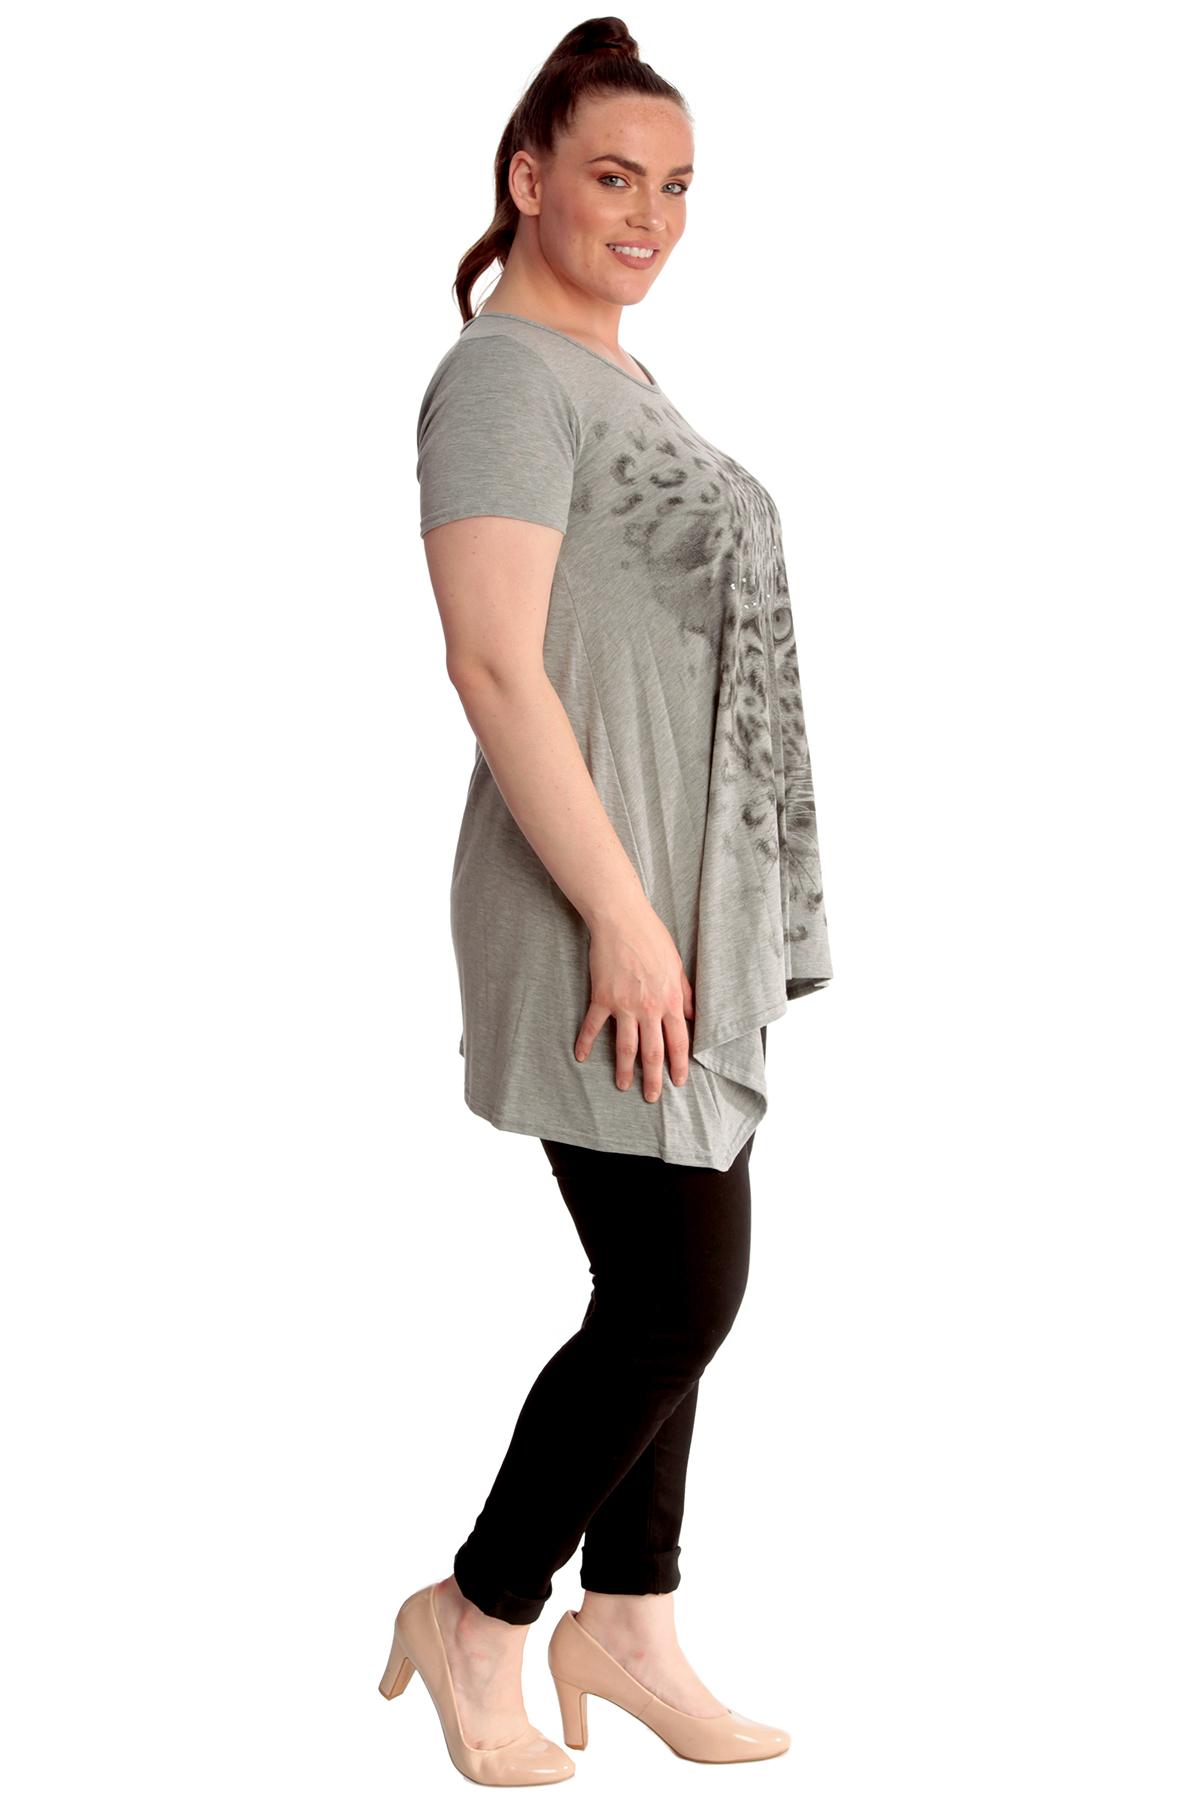 Ladies Top Womens Plus Size Leopard Print Sequin Glitter Asymmetric Nouvelle